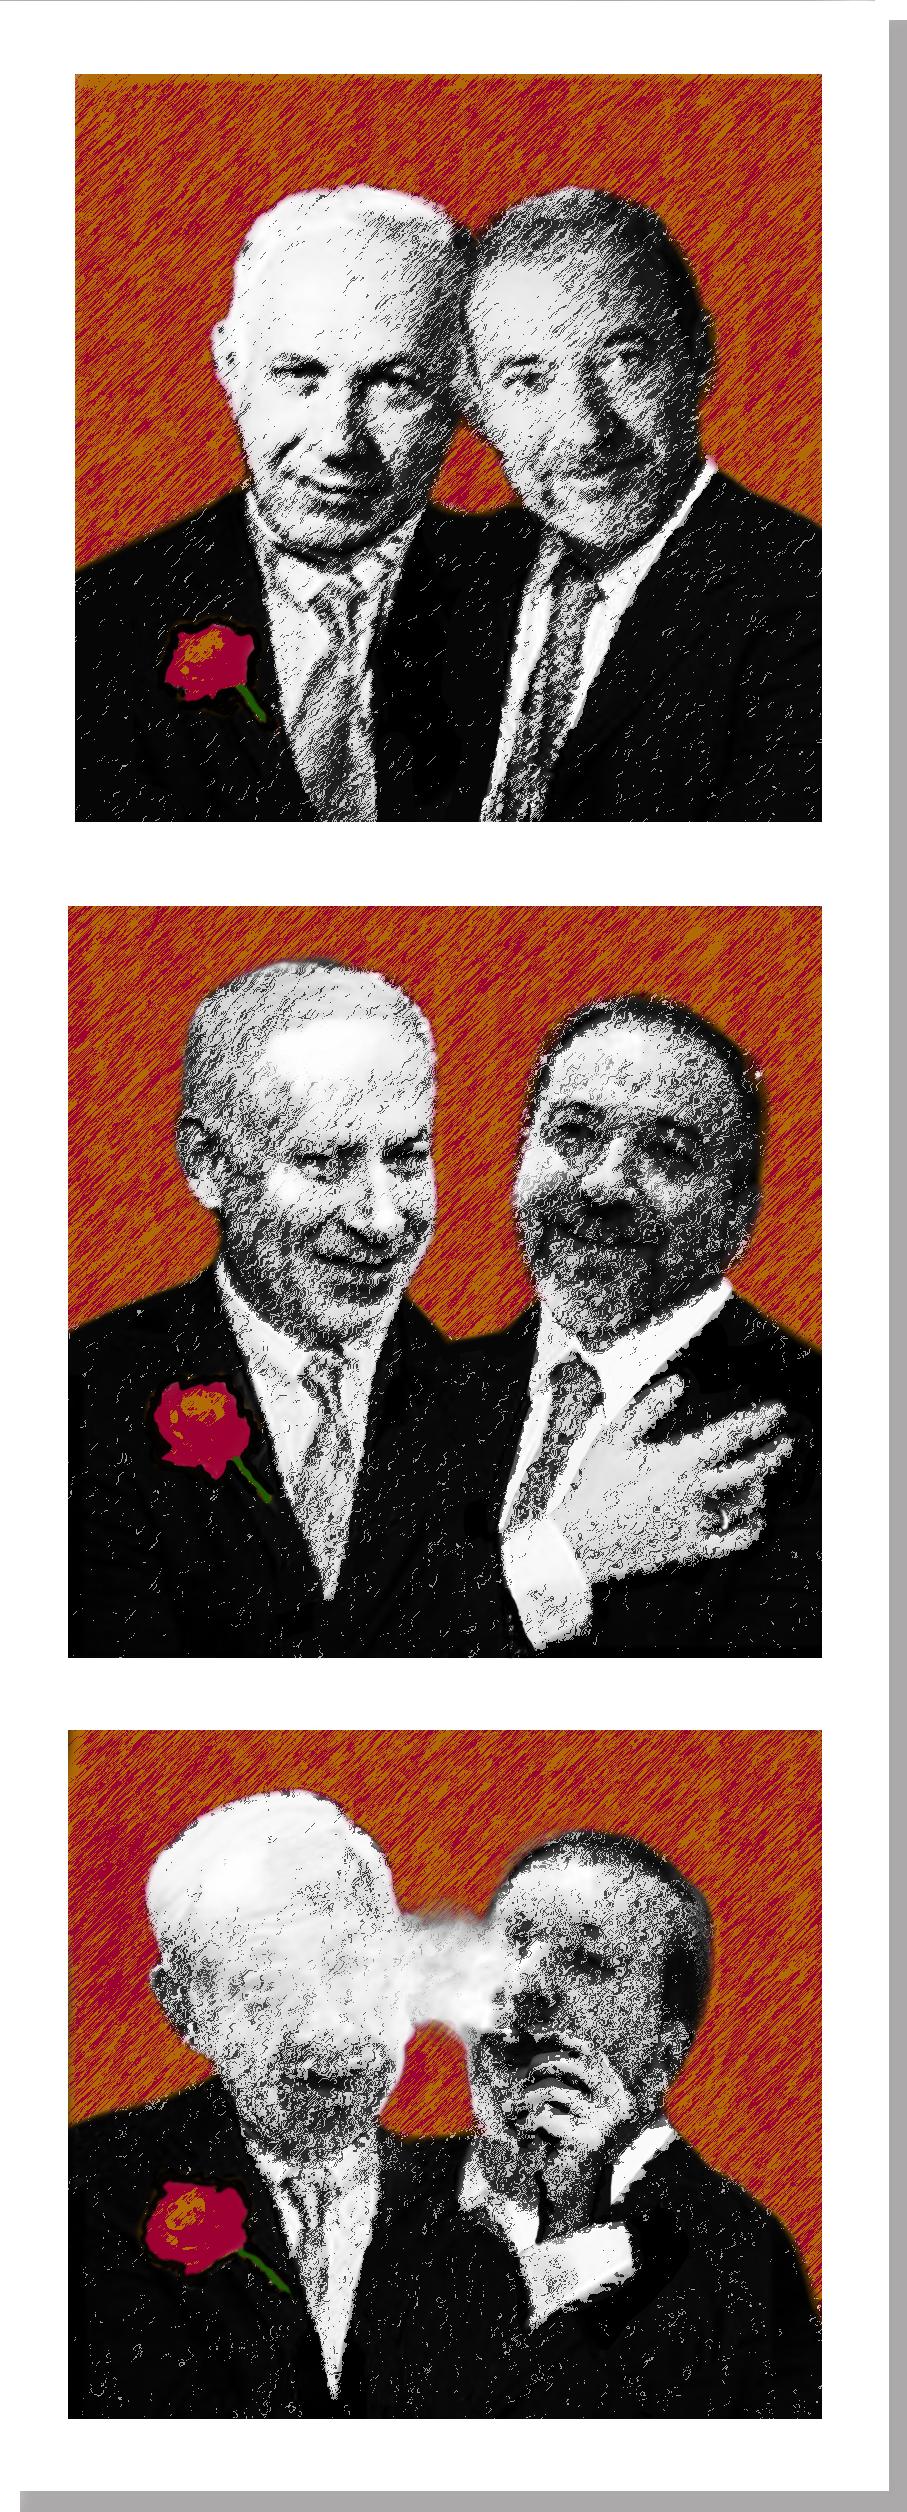 Israels-Elections-flat4.jpg